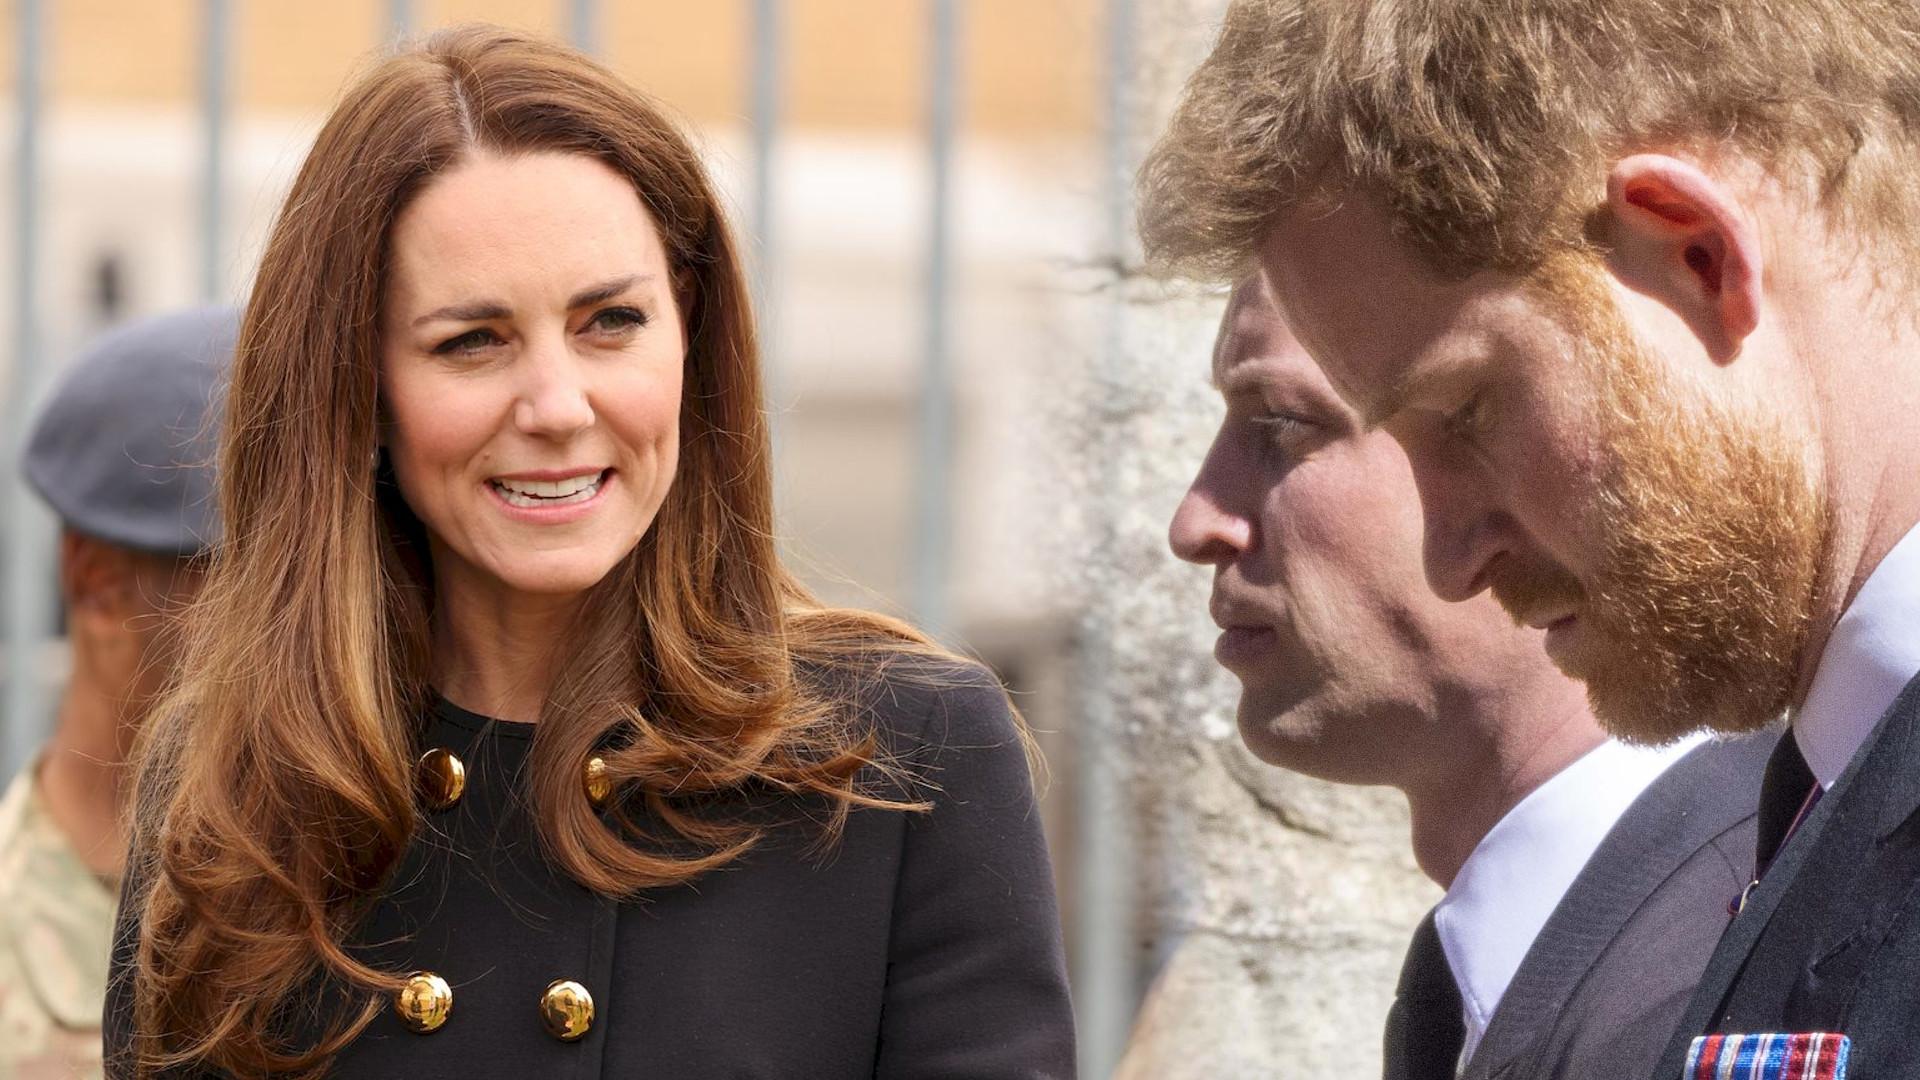 Osoba z rodziny Kate Middleton ujawniła, co księżna chciała zrobić w związku z kłótnią Williama i Harry'ego